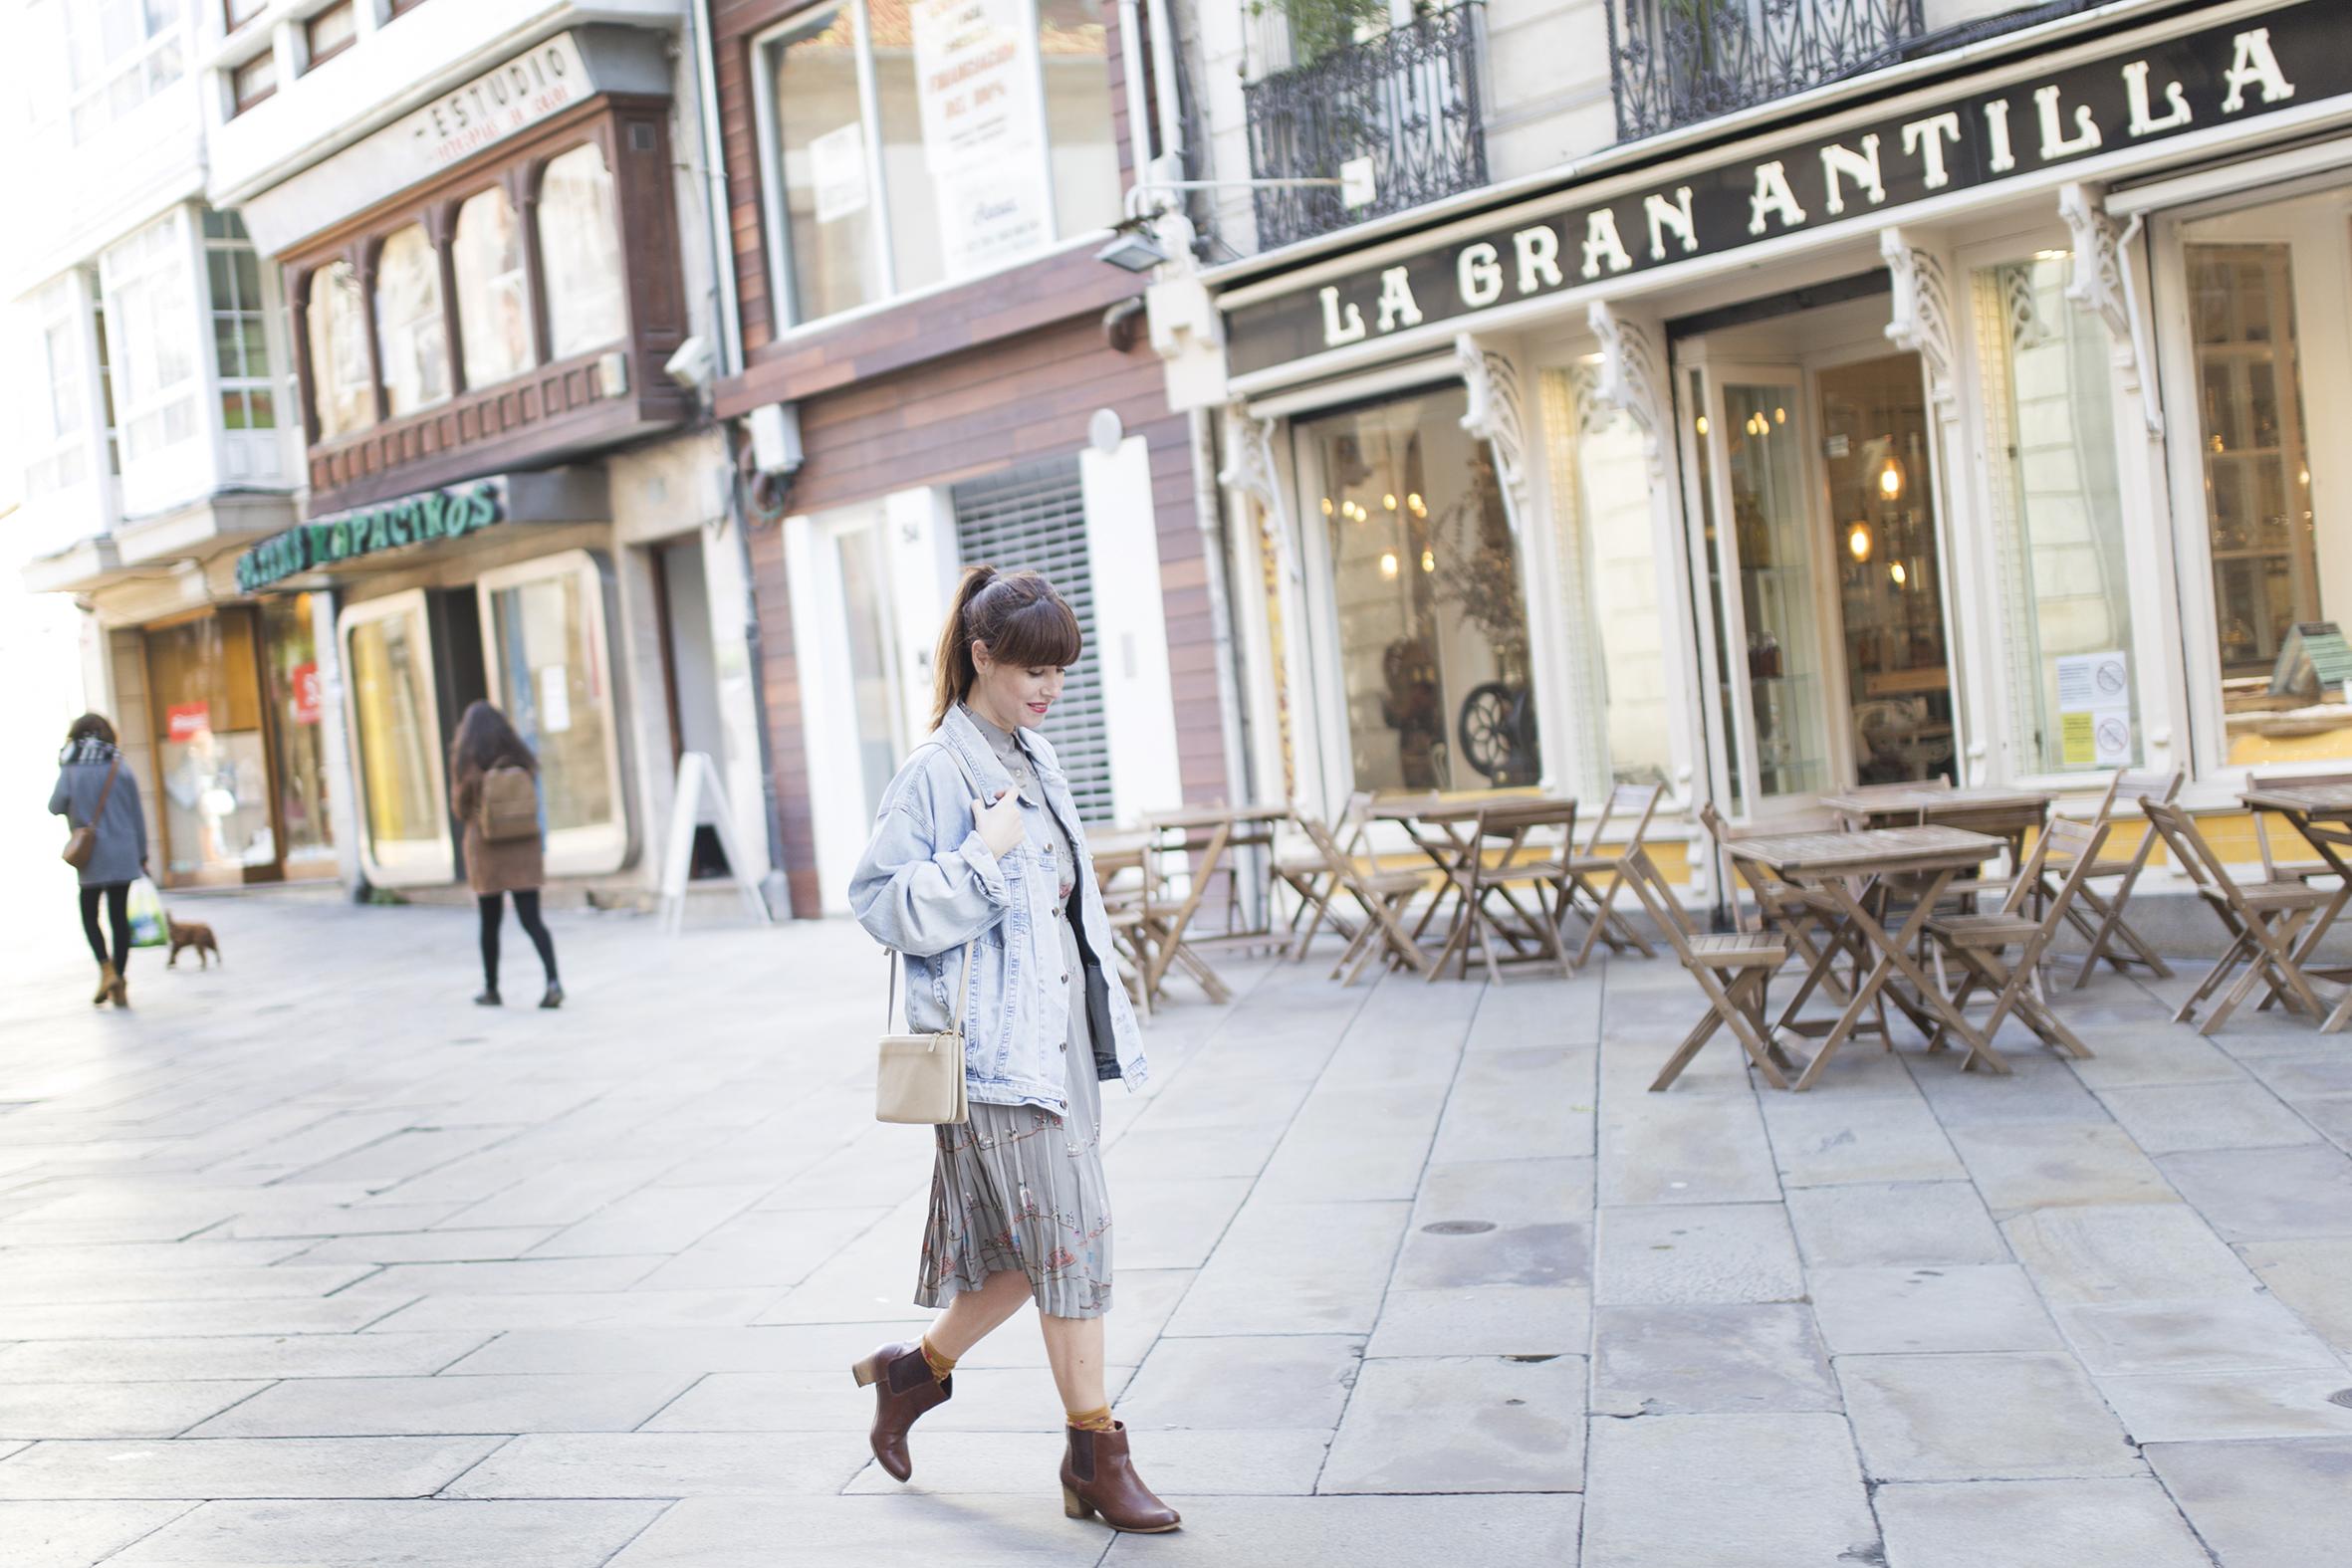 cèline - denim jacket- segunda mano -Micolet - dress - vintage - streetstyle - coruña - descalzaporelparque